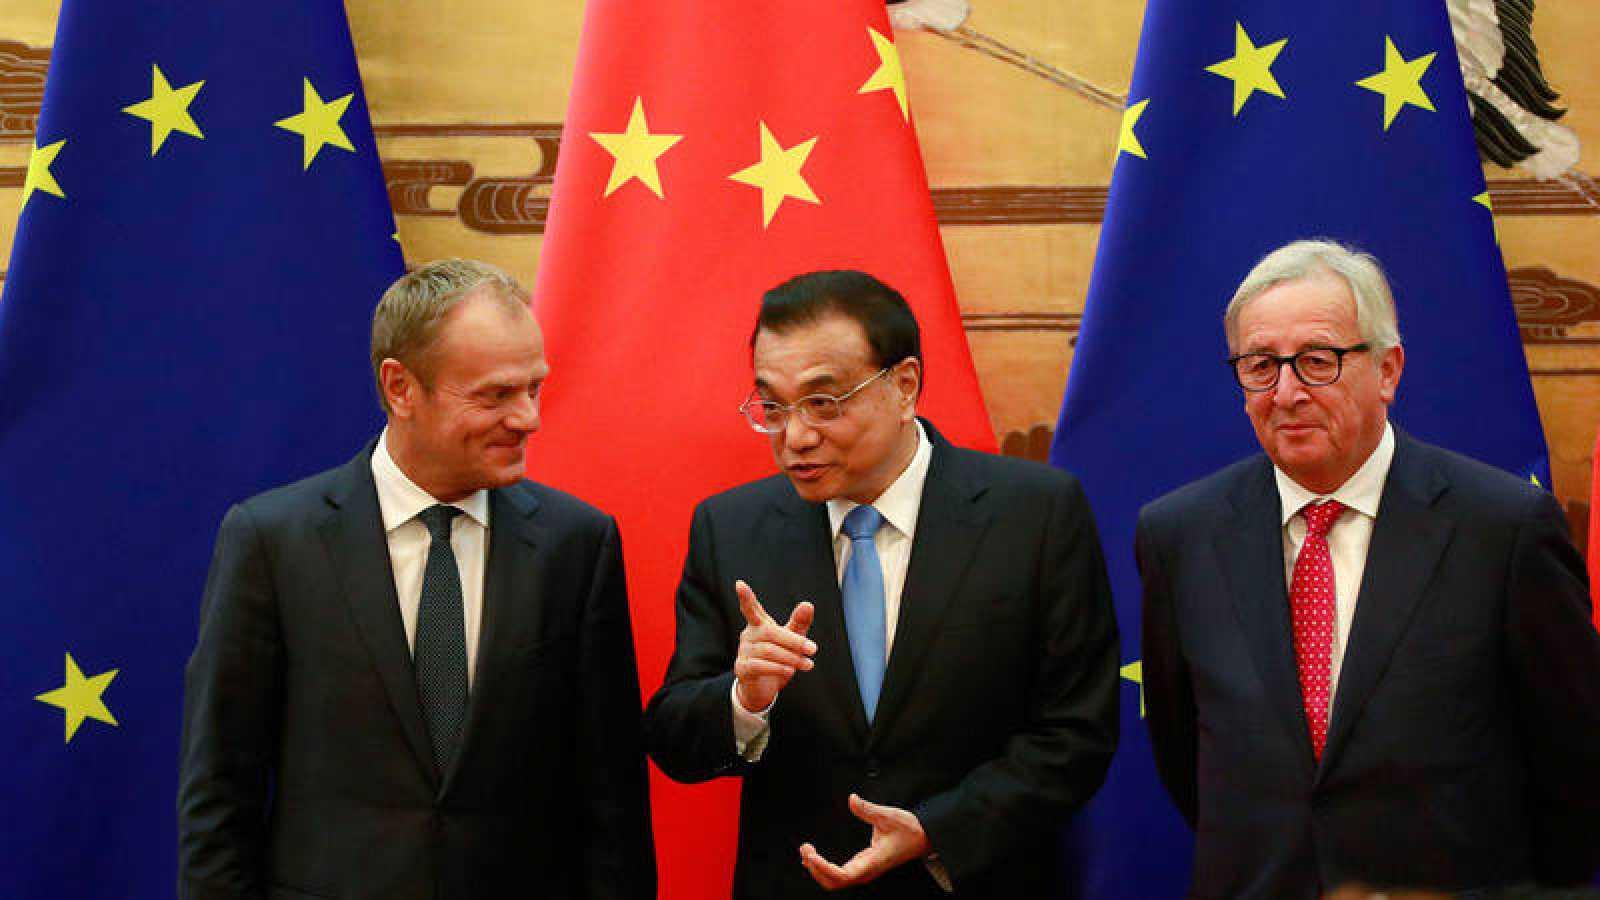 El presidente del consejo europeo urge a ee uu rusia y for Presidente del consejo europeo